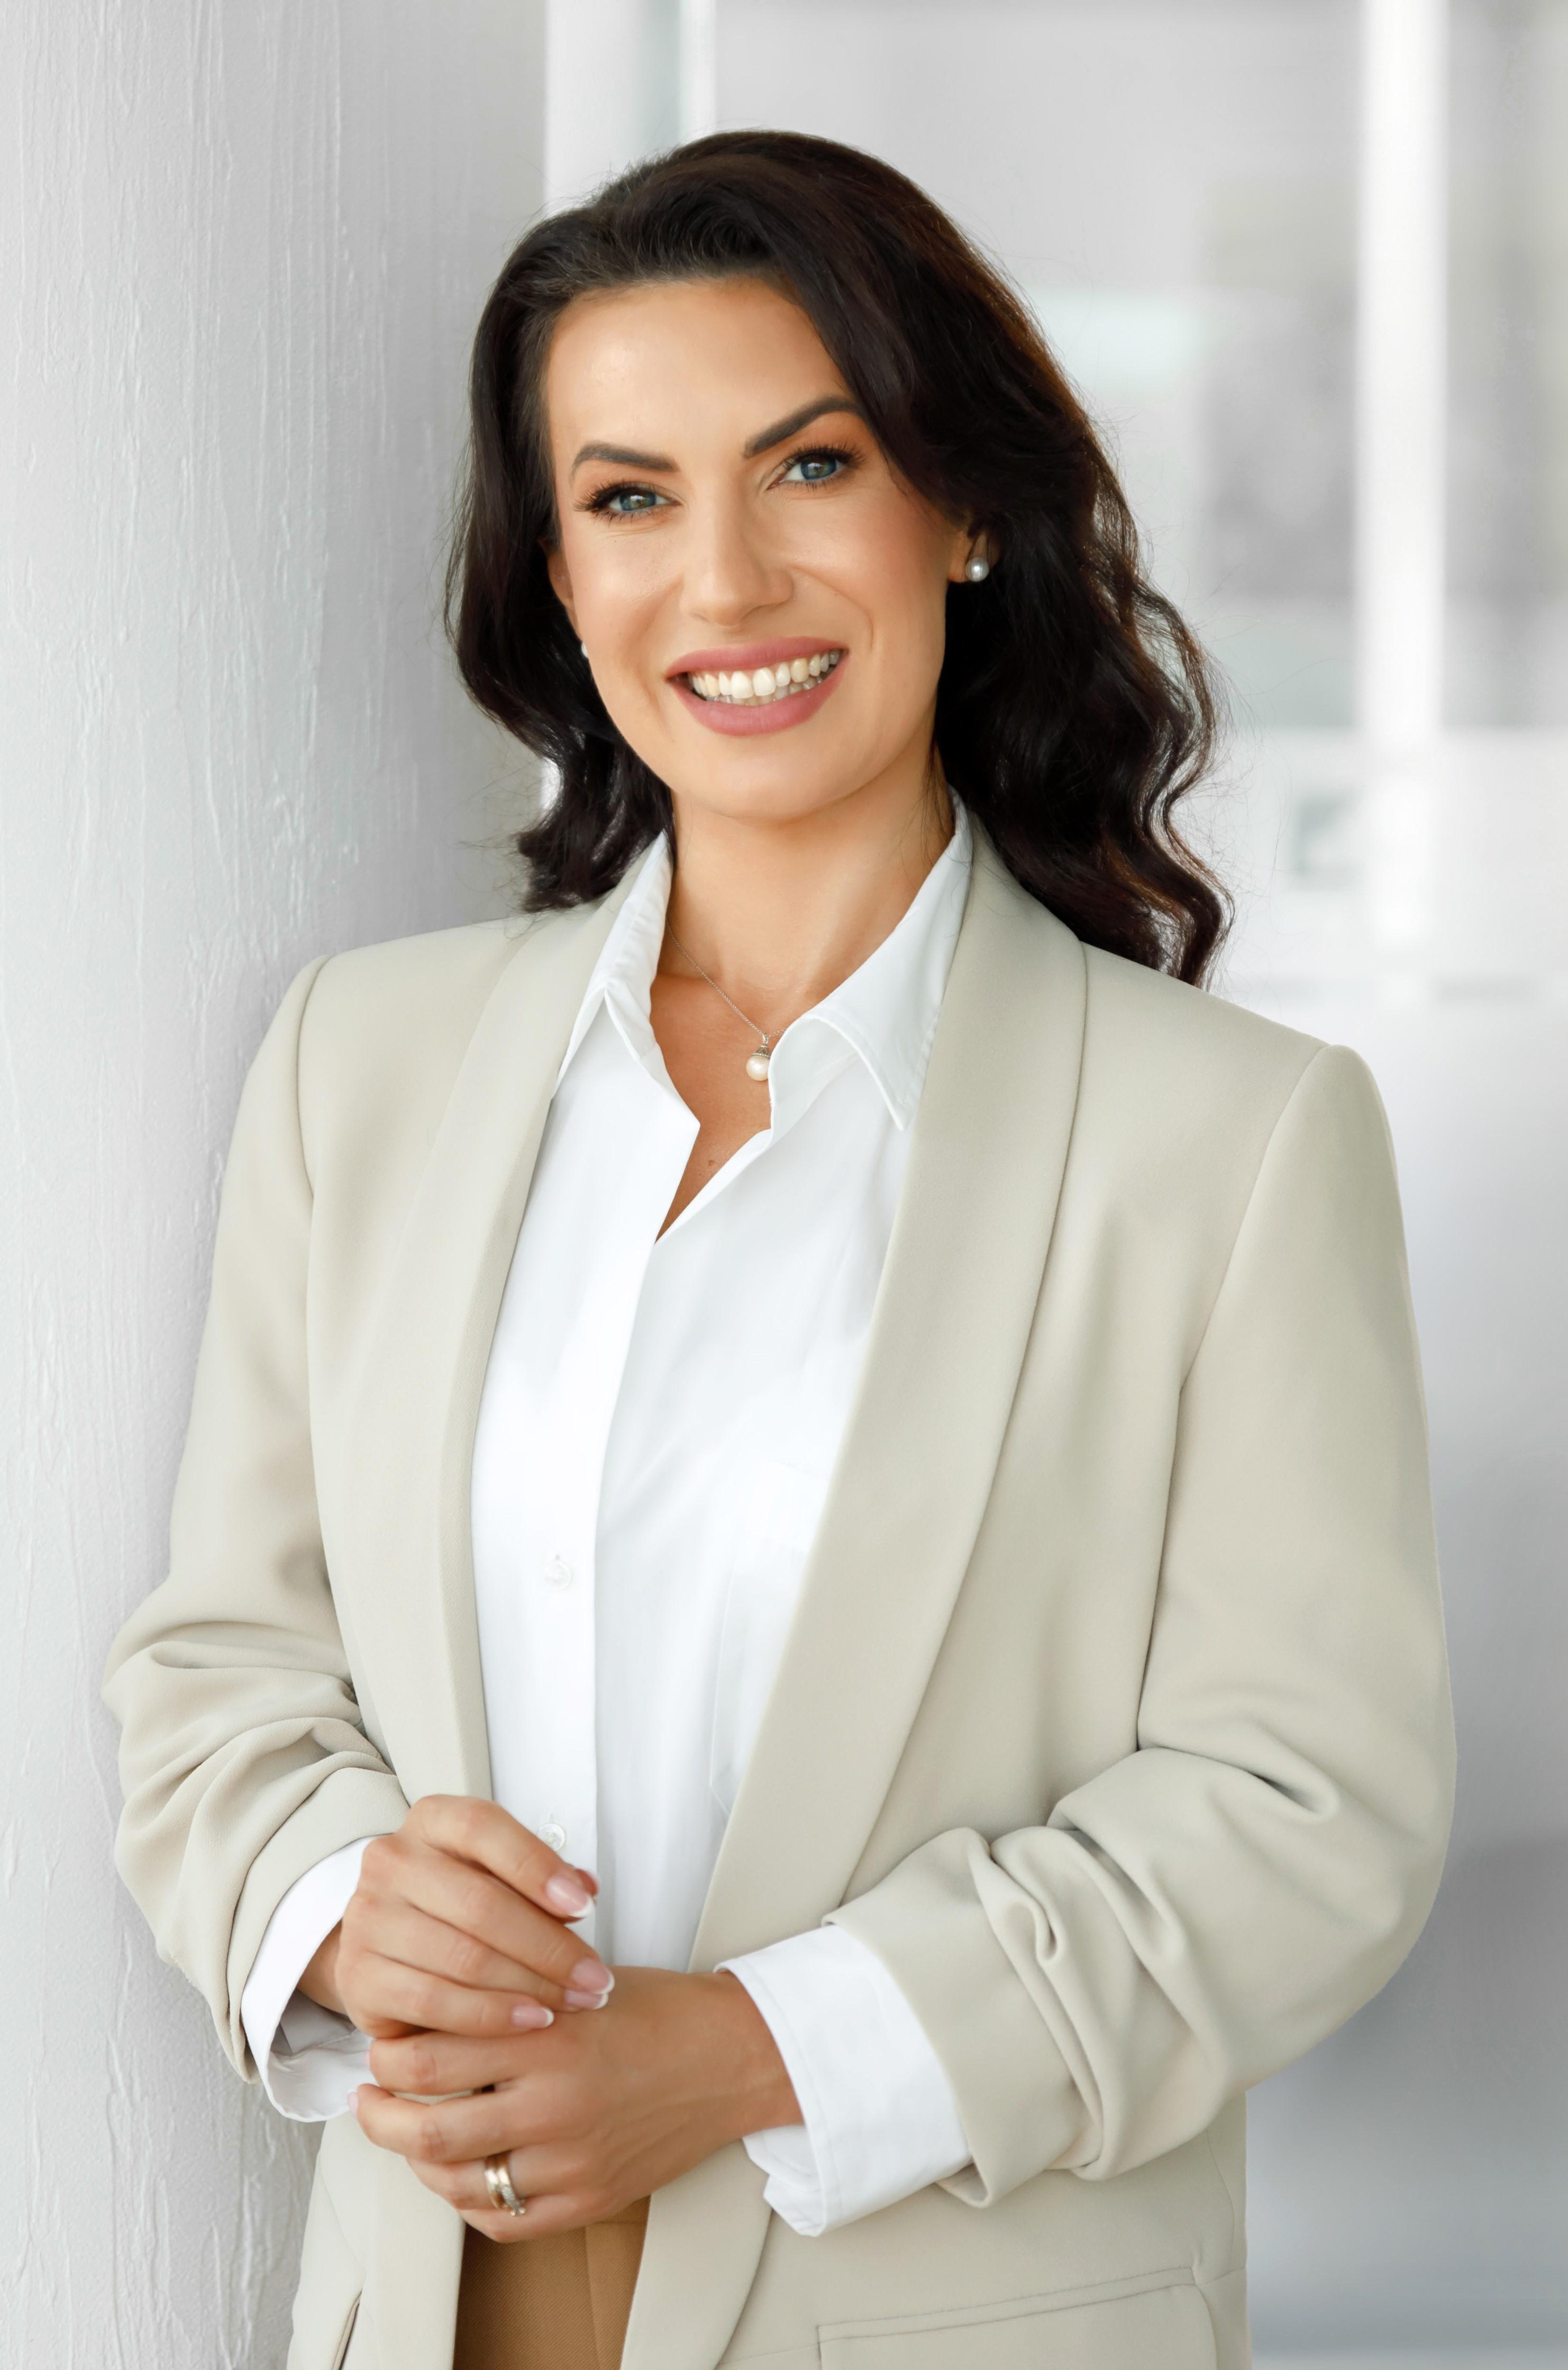 Karina Paulauskaite